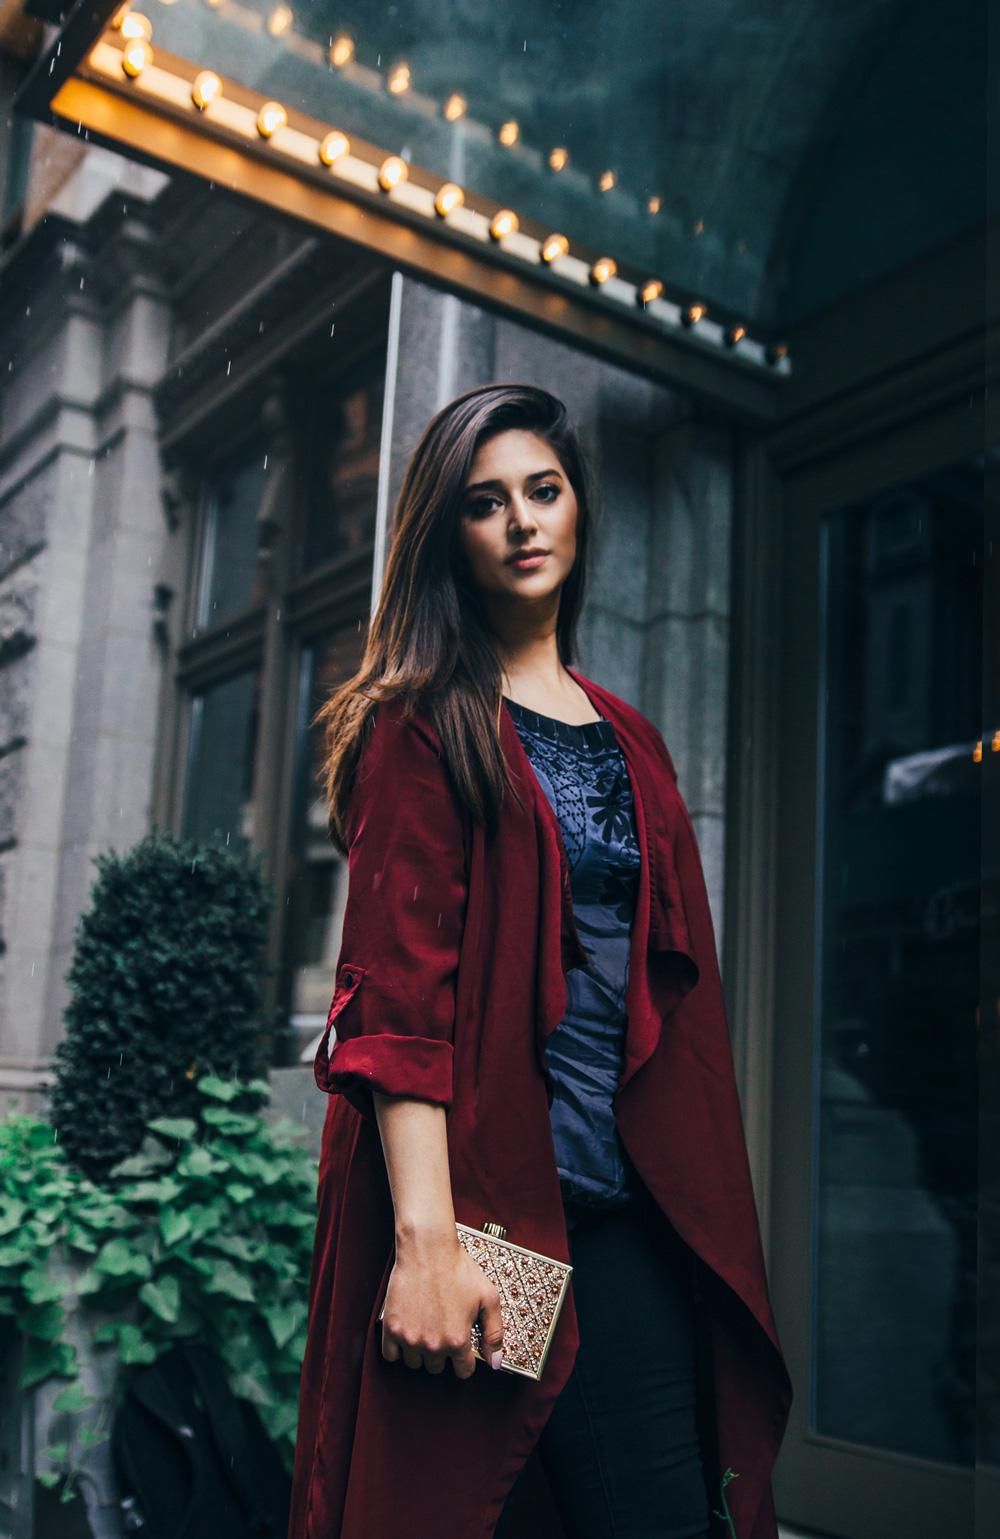 Handbag designer Minza Khan modeling her clutch